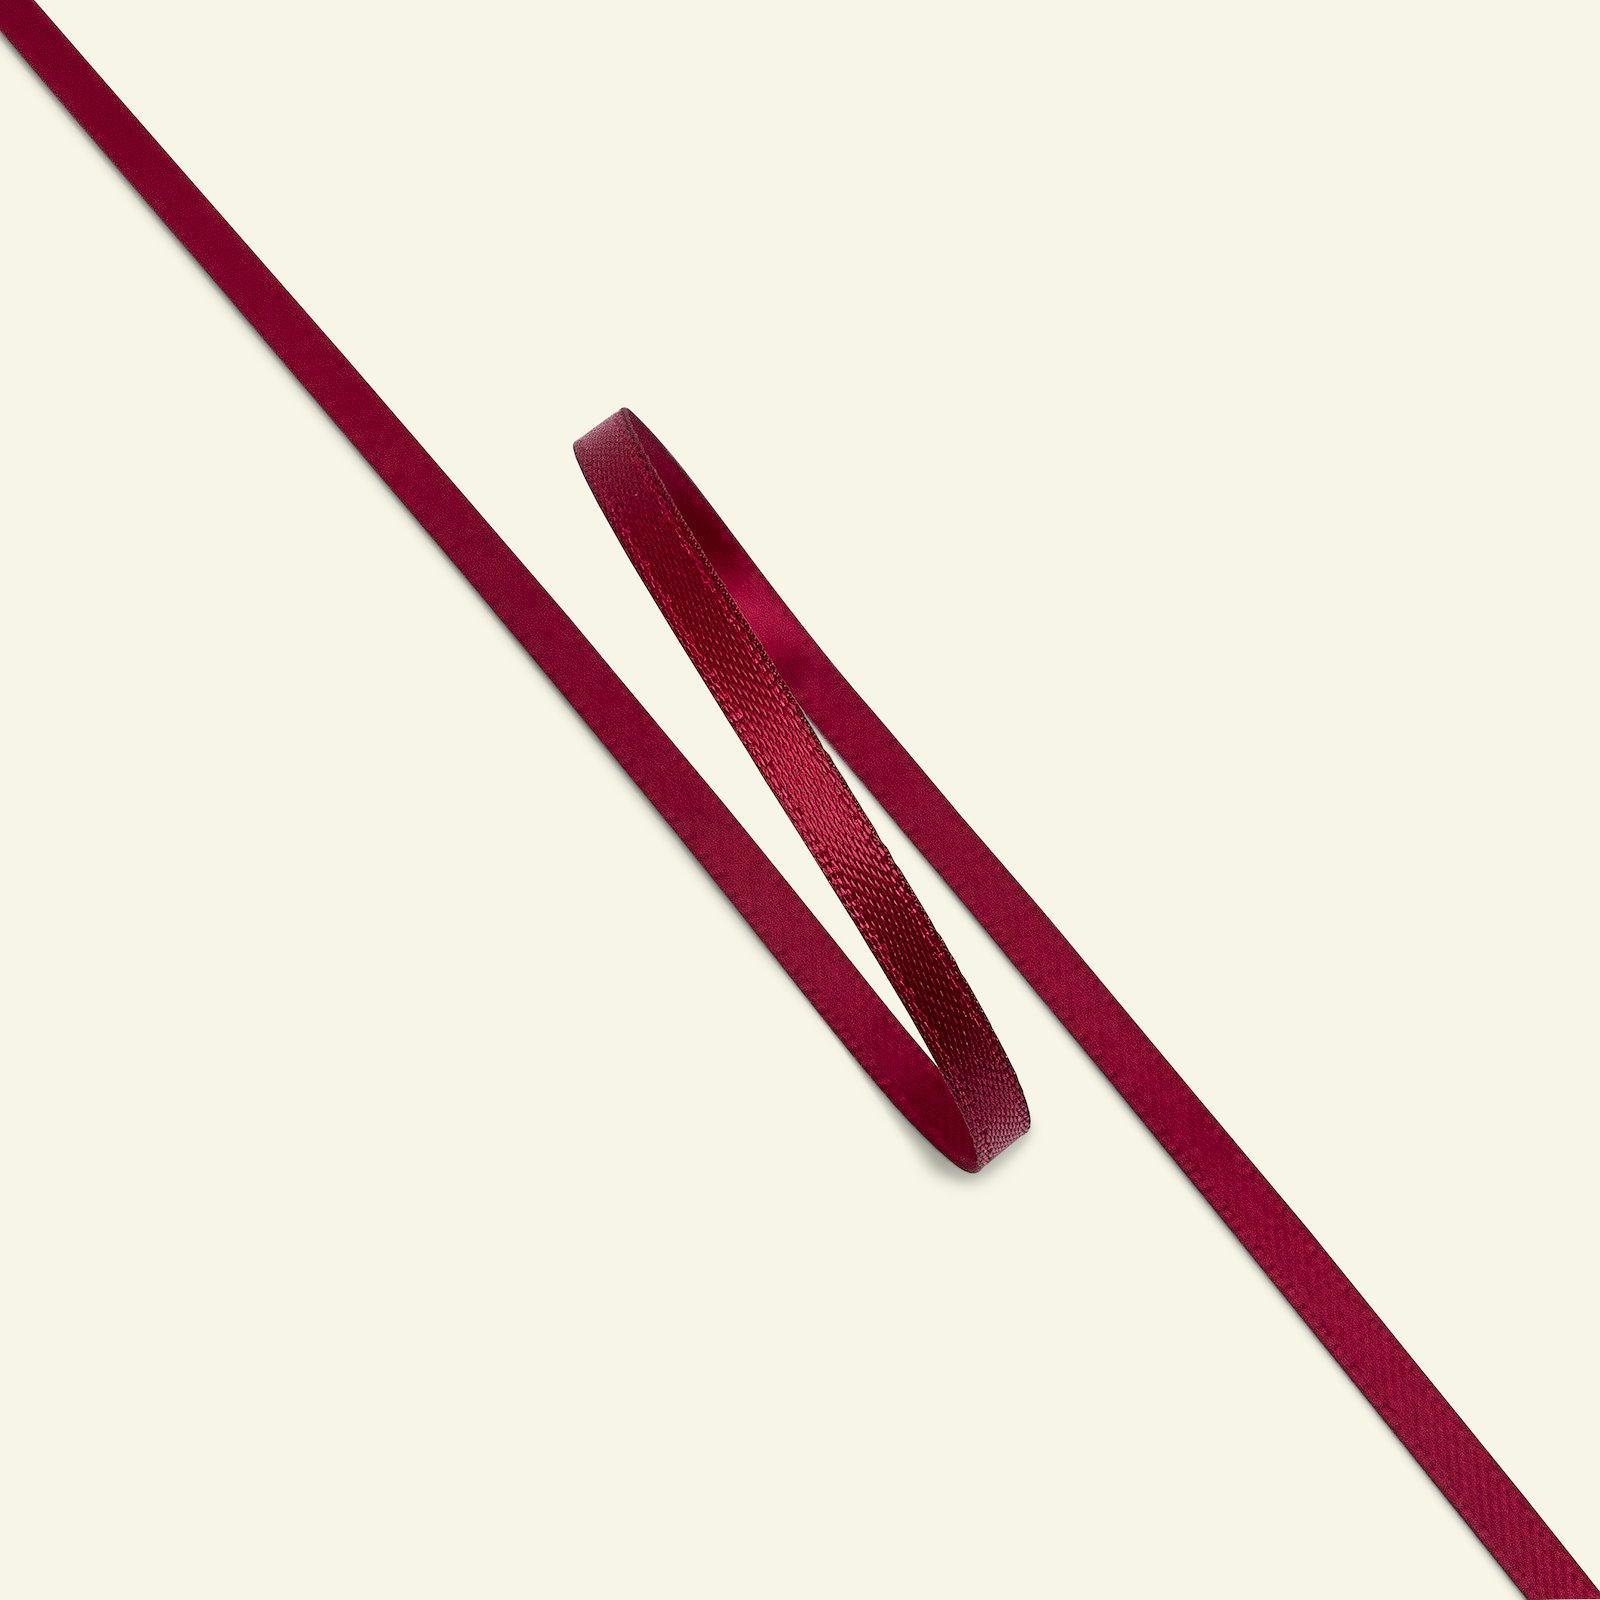 Satin ribbon 3mm bordeaux 25m 27114_pack